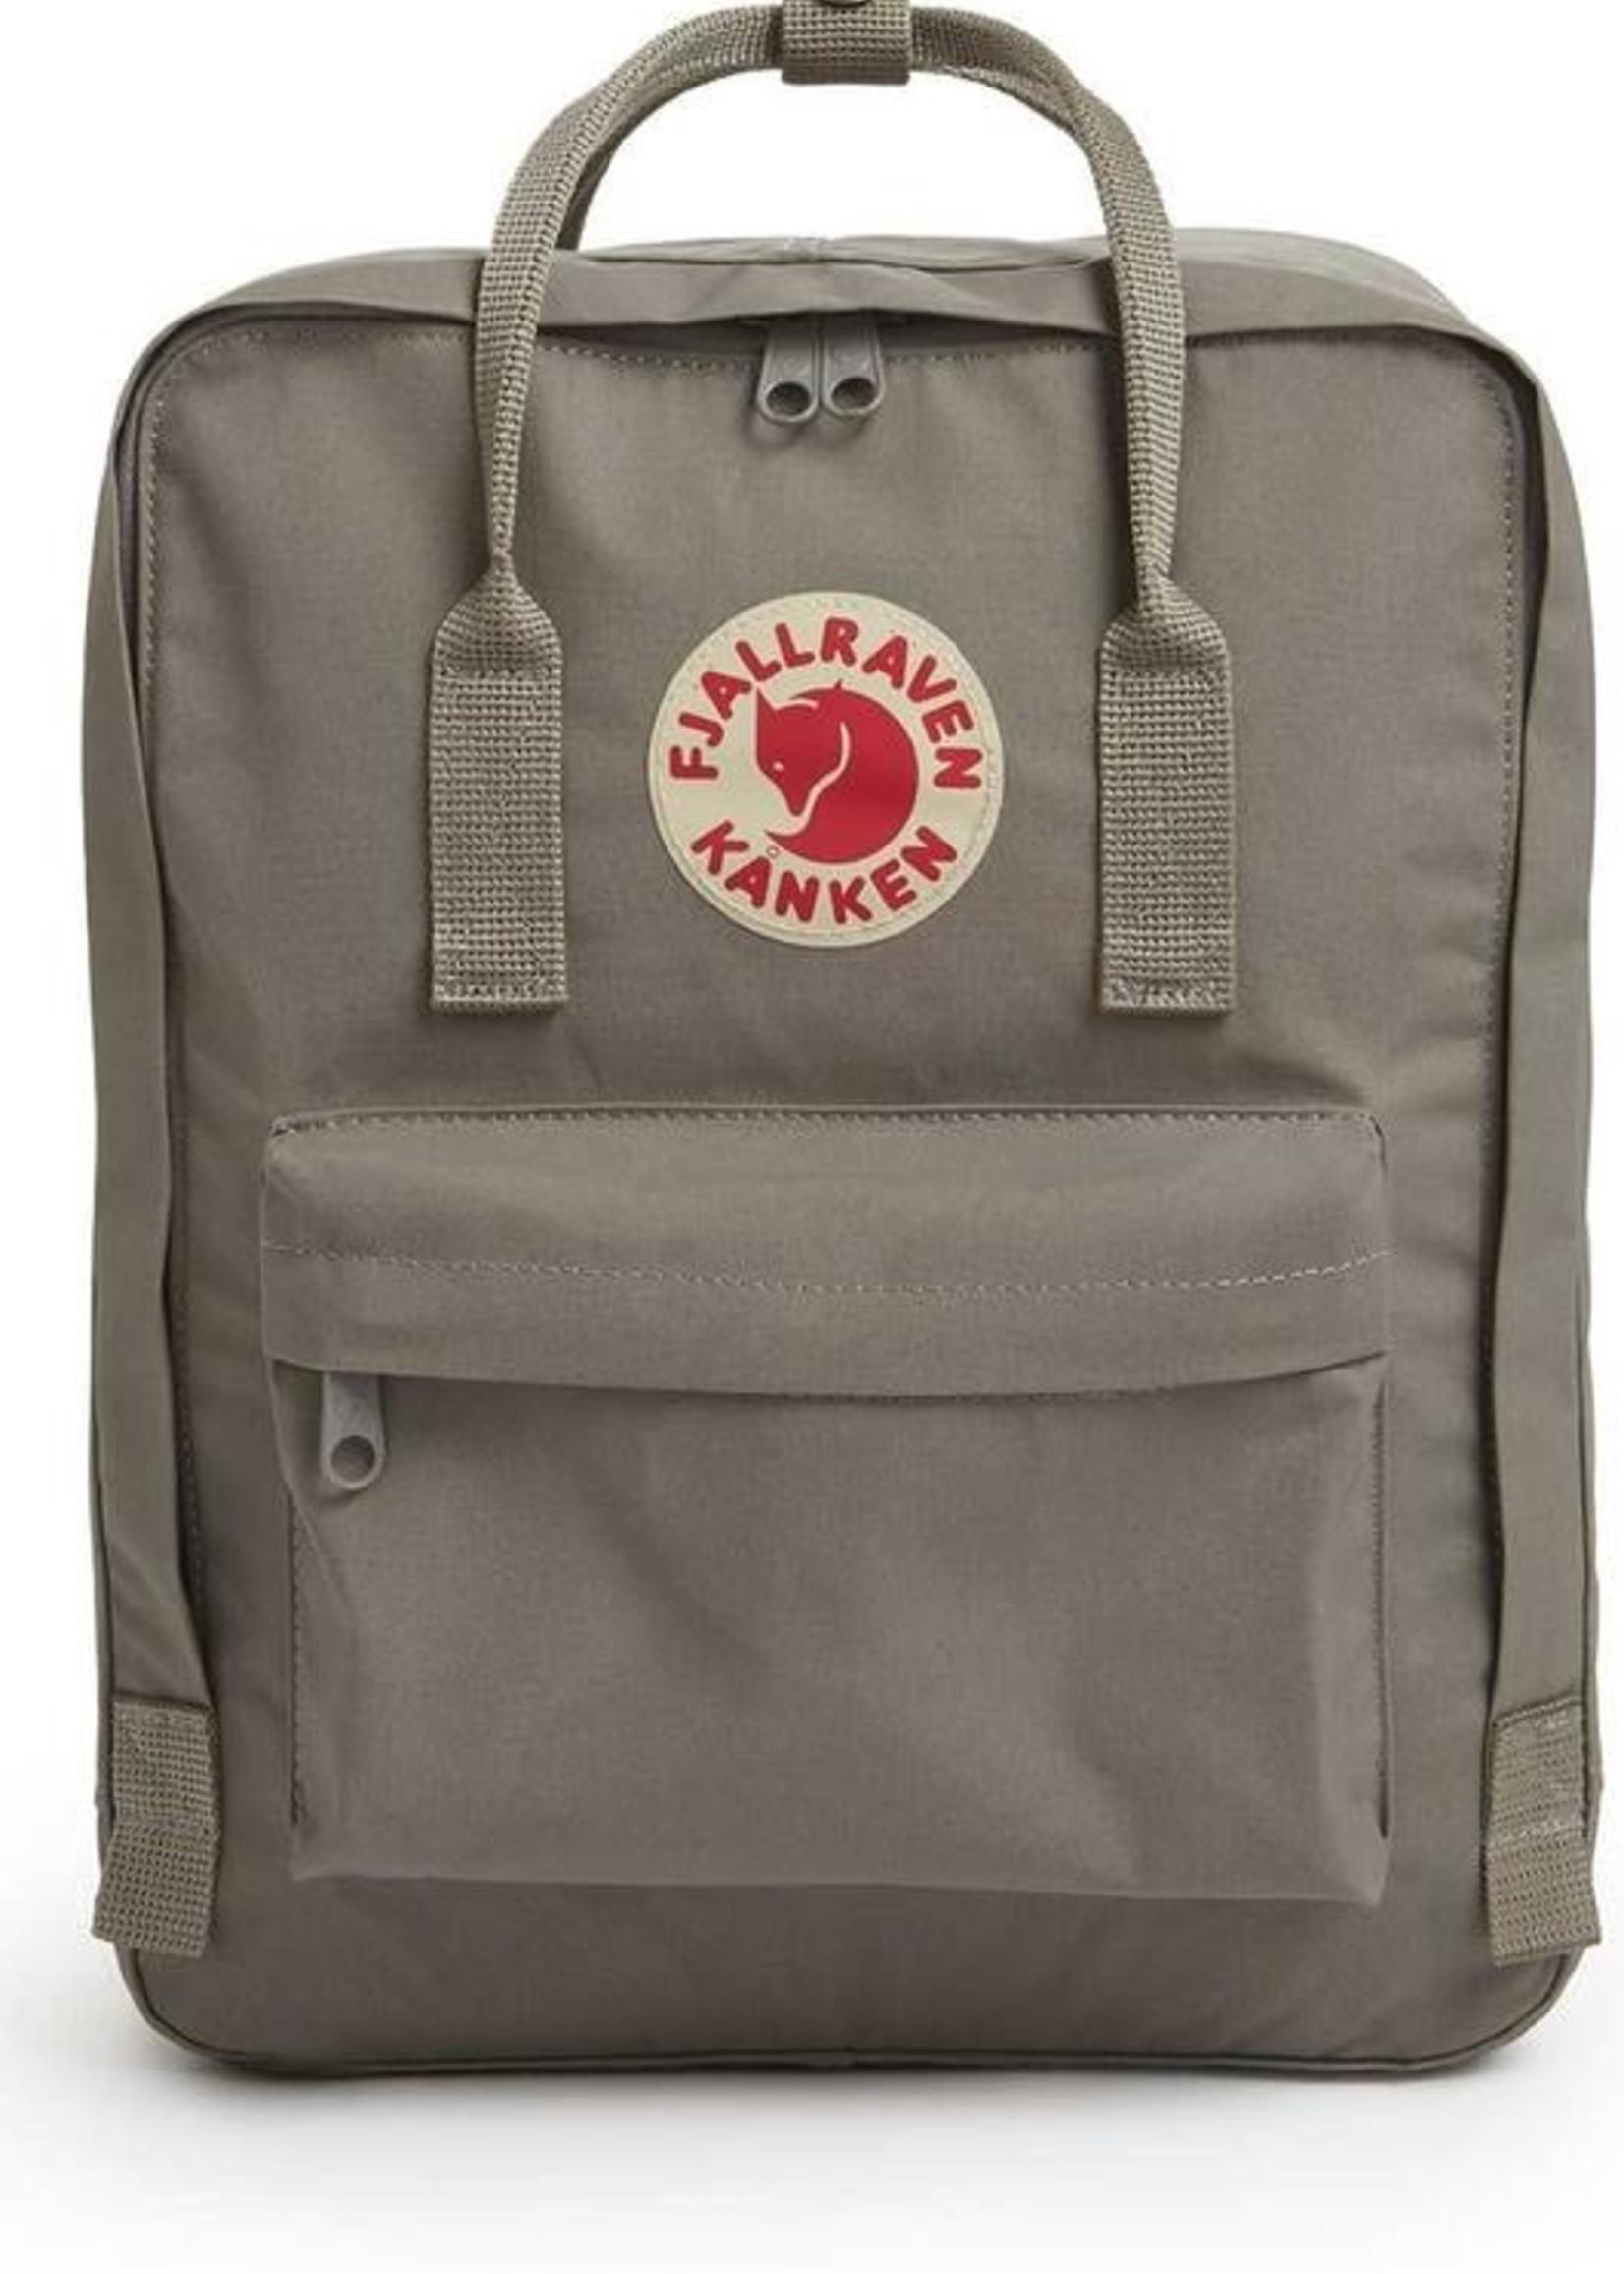 FJALL RAVEN Kanken Backpack FOG